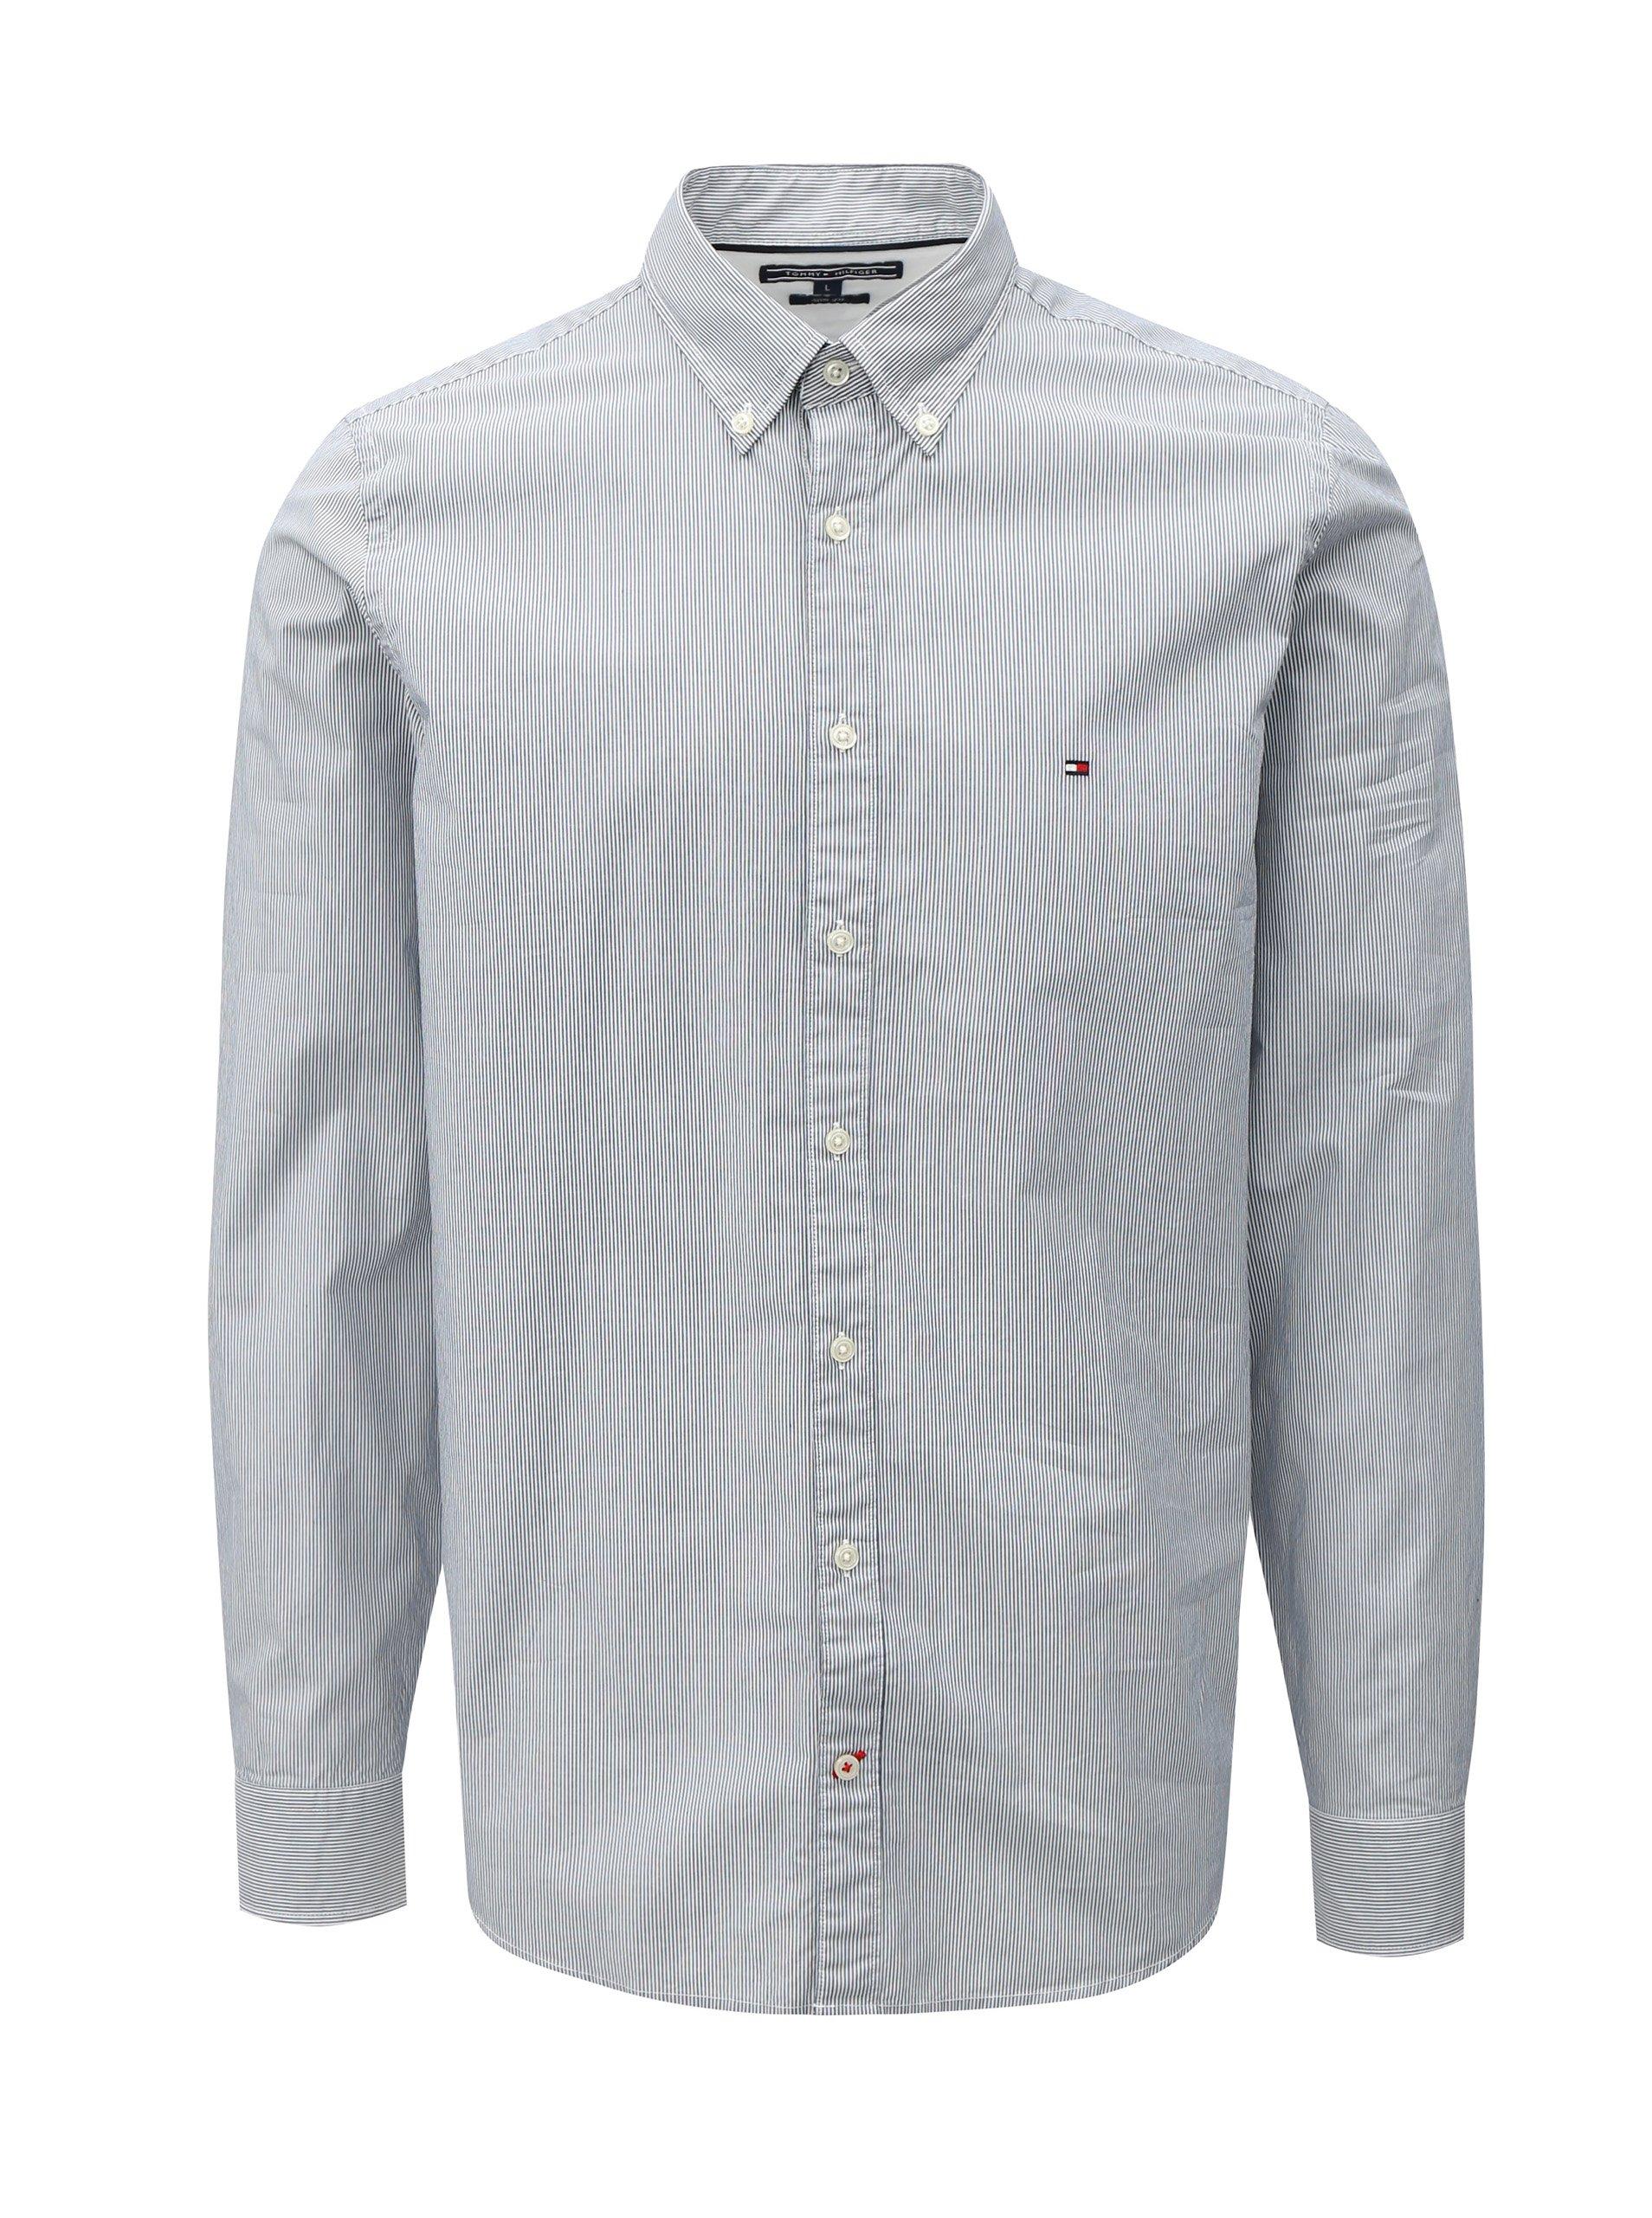 0b6e37b1a3ab Bílo-modrá pánská slim fit pruhovaná košile Tommy Hilfiger